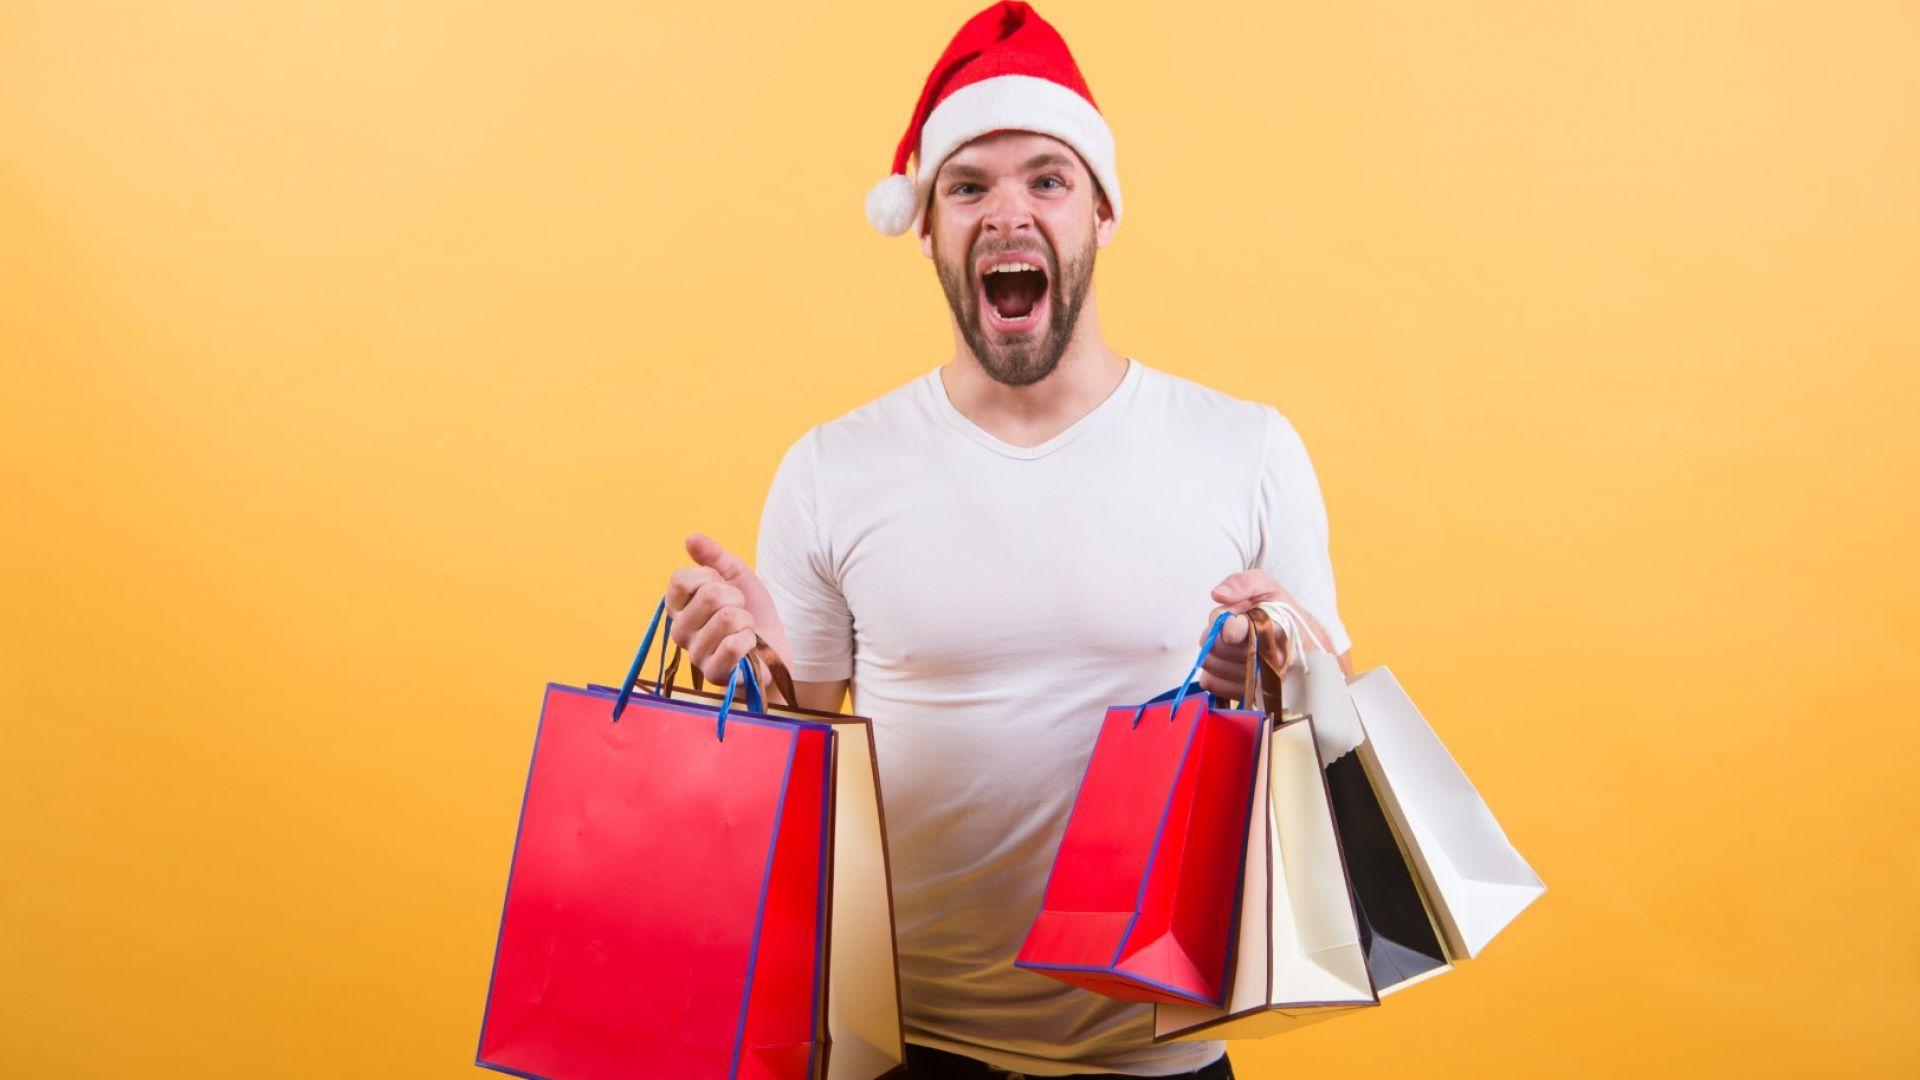 Онлайн пазаруването може да ви спести редица неприятности, характерни за купуването на стоки офлайн